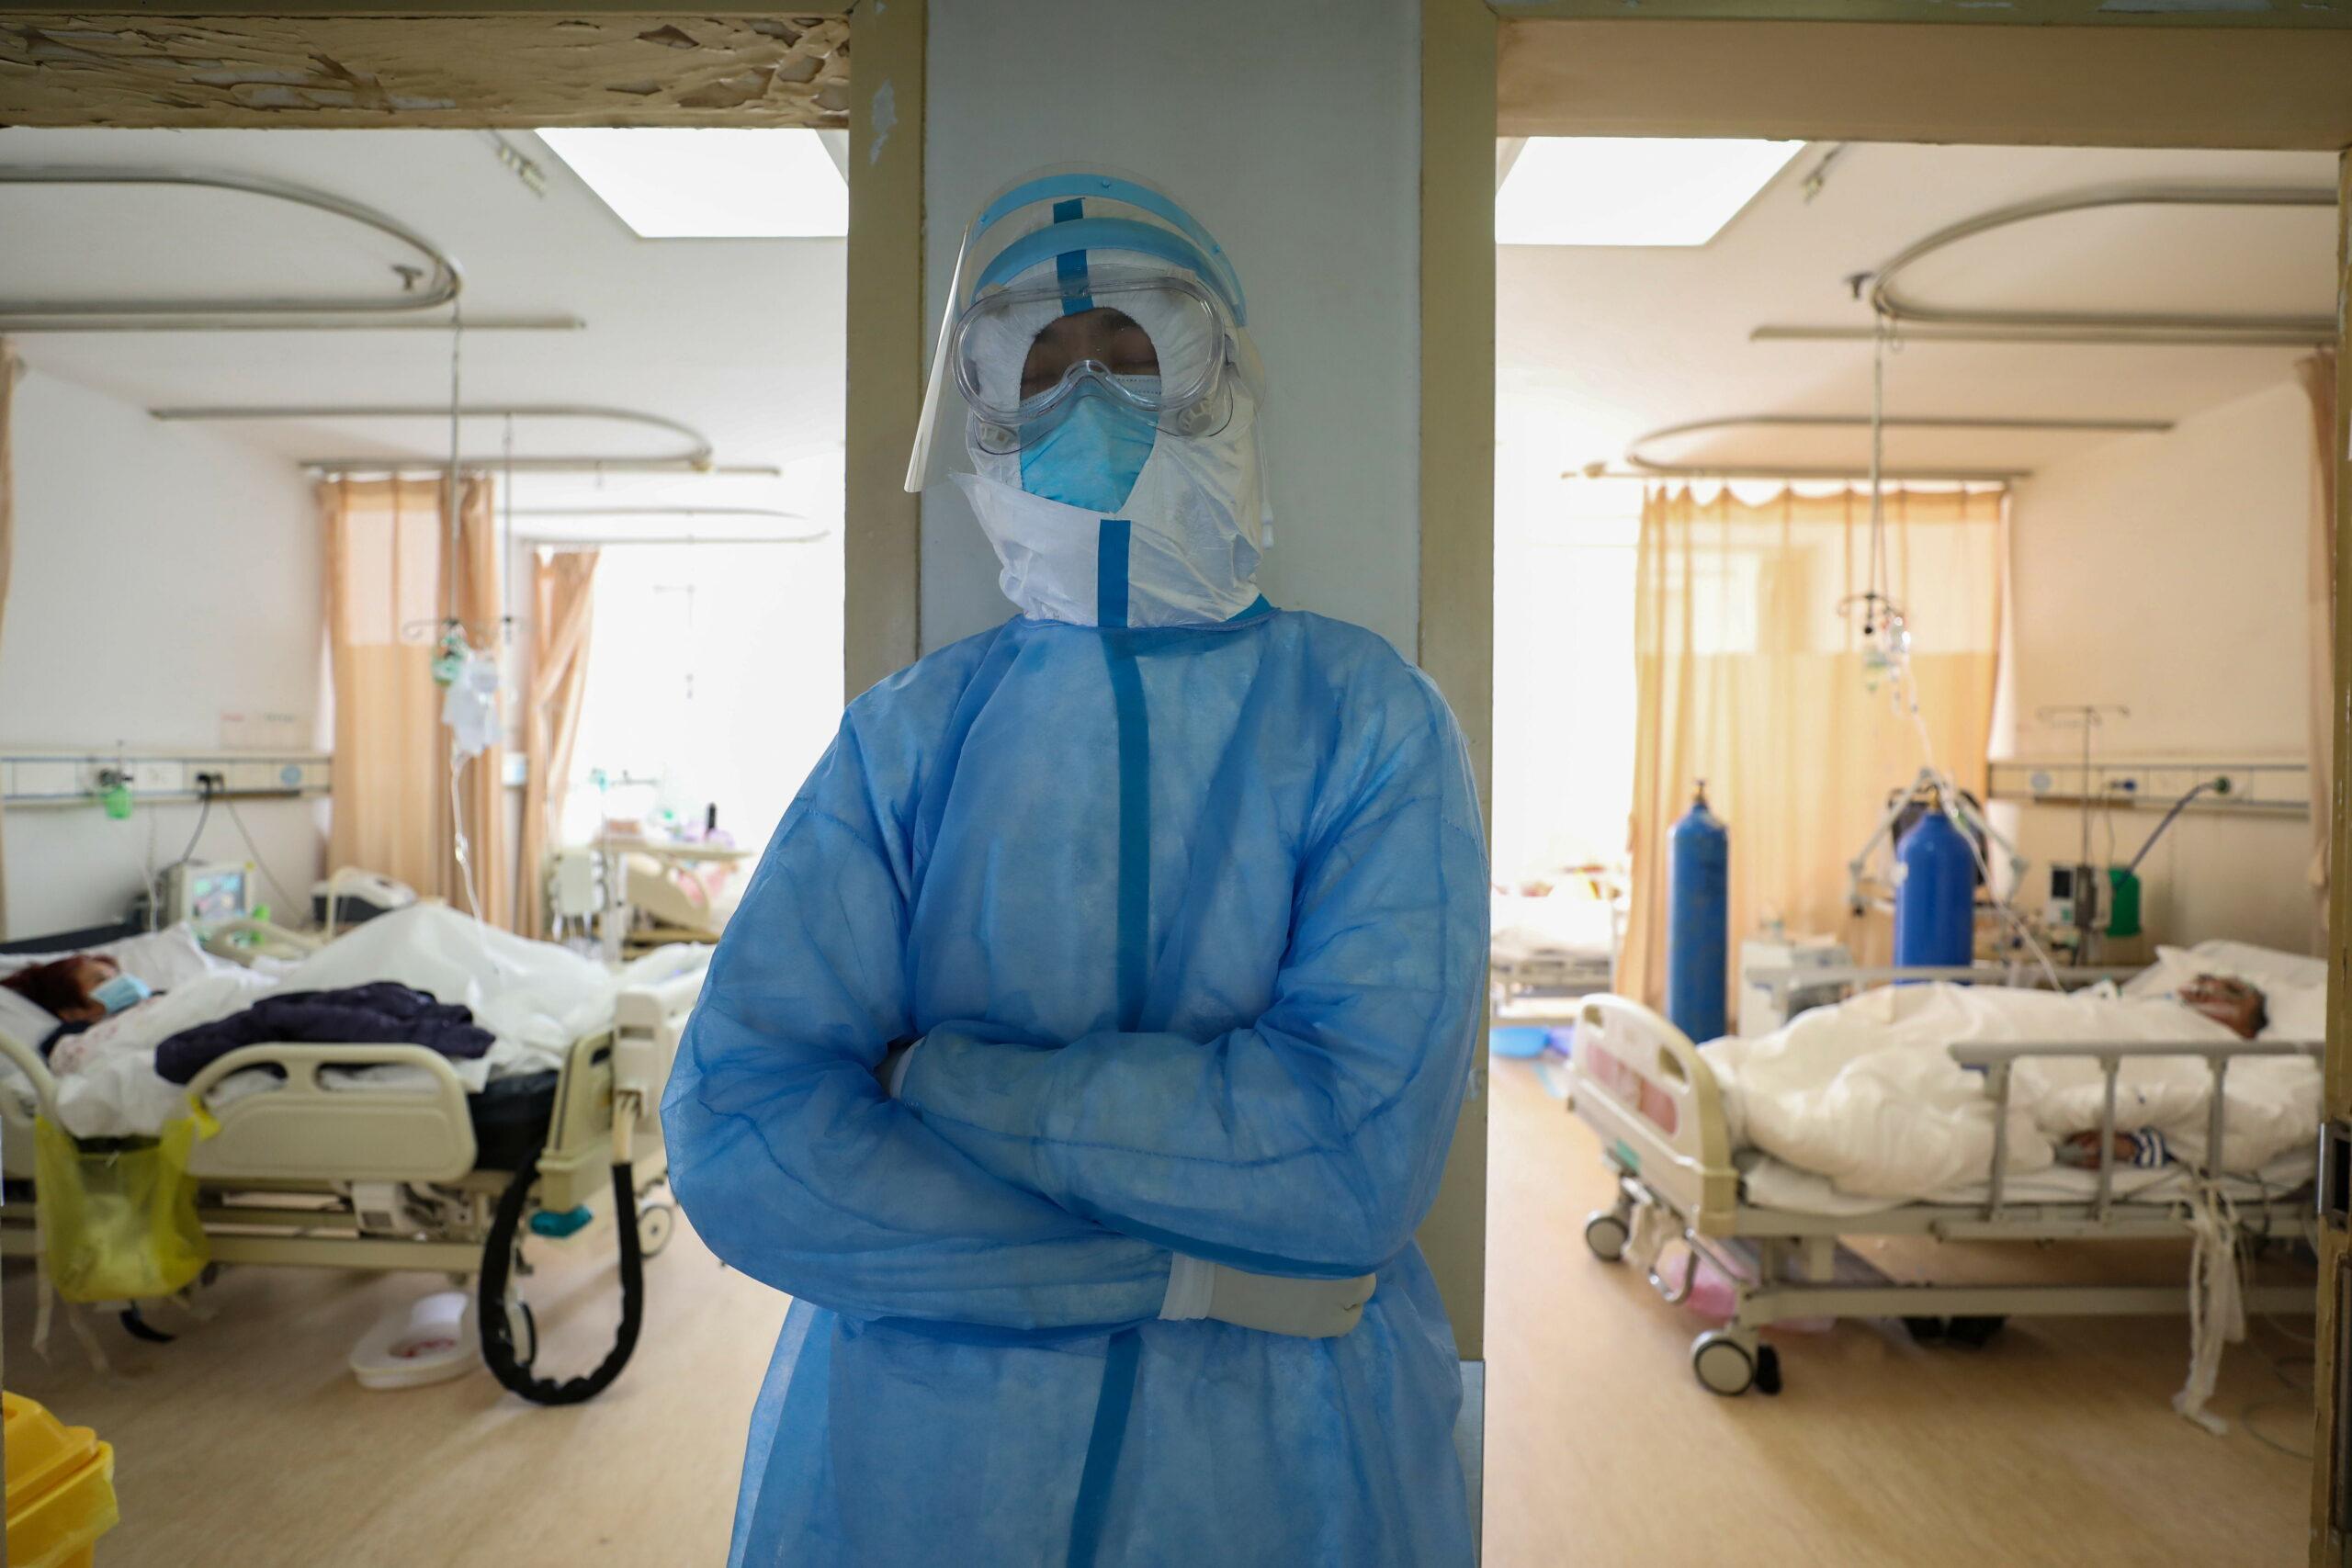 Coronavirusul provoacă nebunie! Jaf armat pentru hârtie igienică. Unde e atât de grav